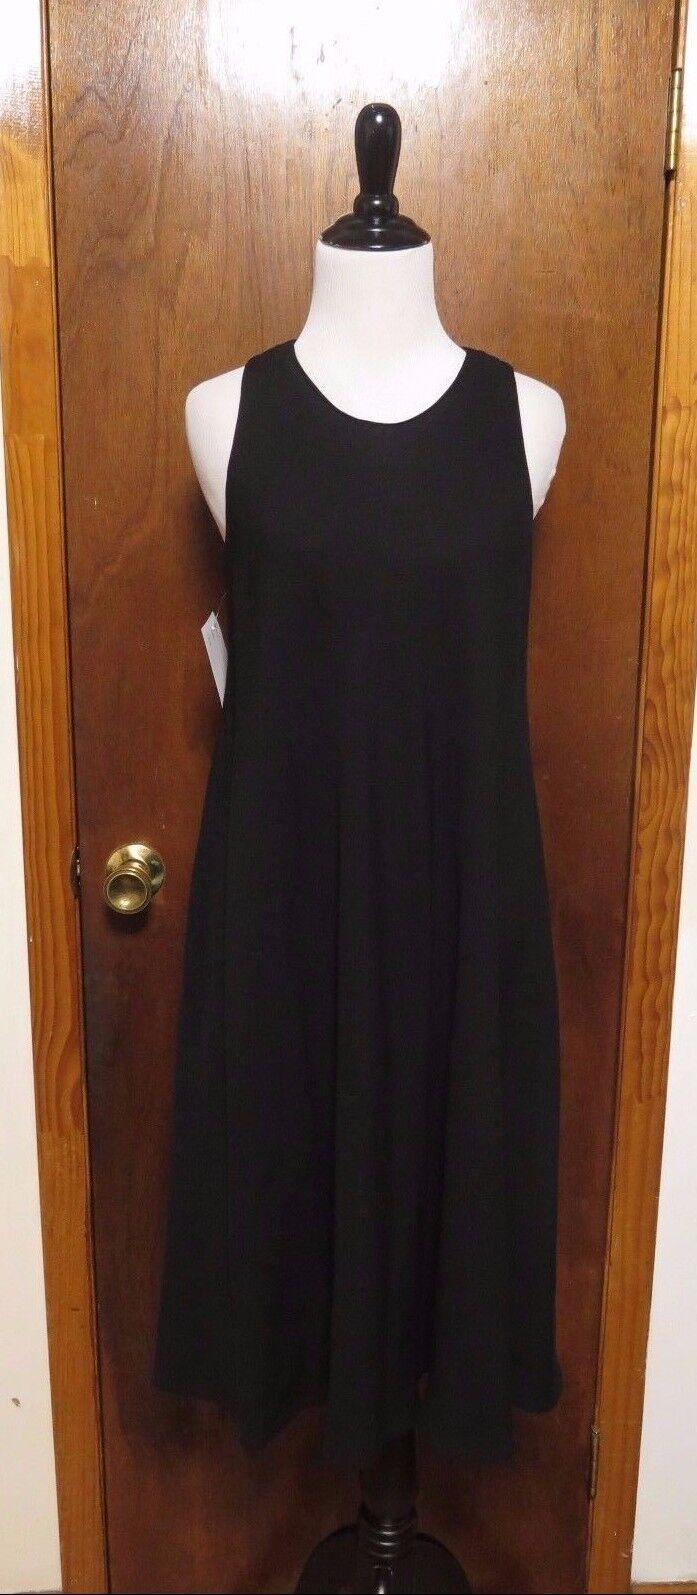 Vestido Tubo Negro Vintage Sonia Rykiel Talla  42  venta directa de fábrica